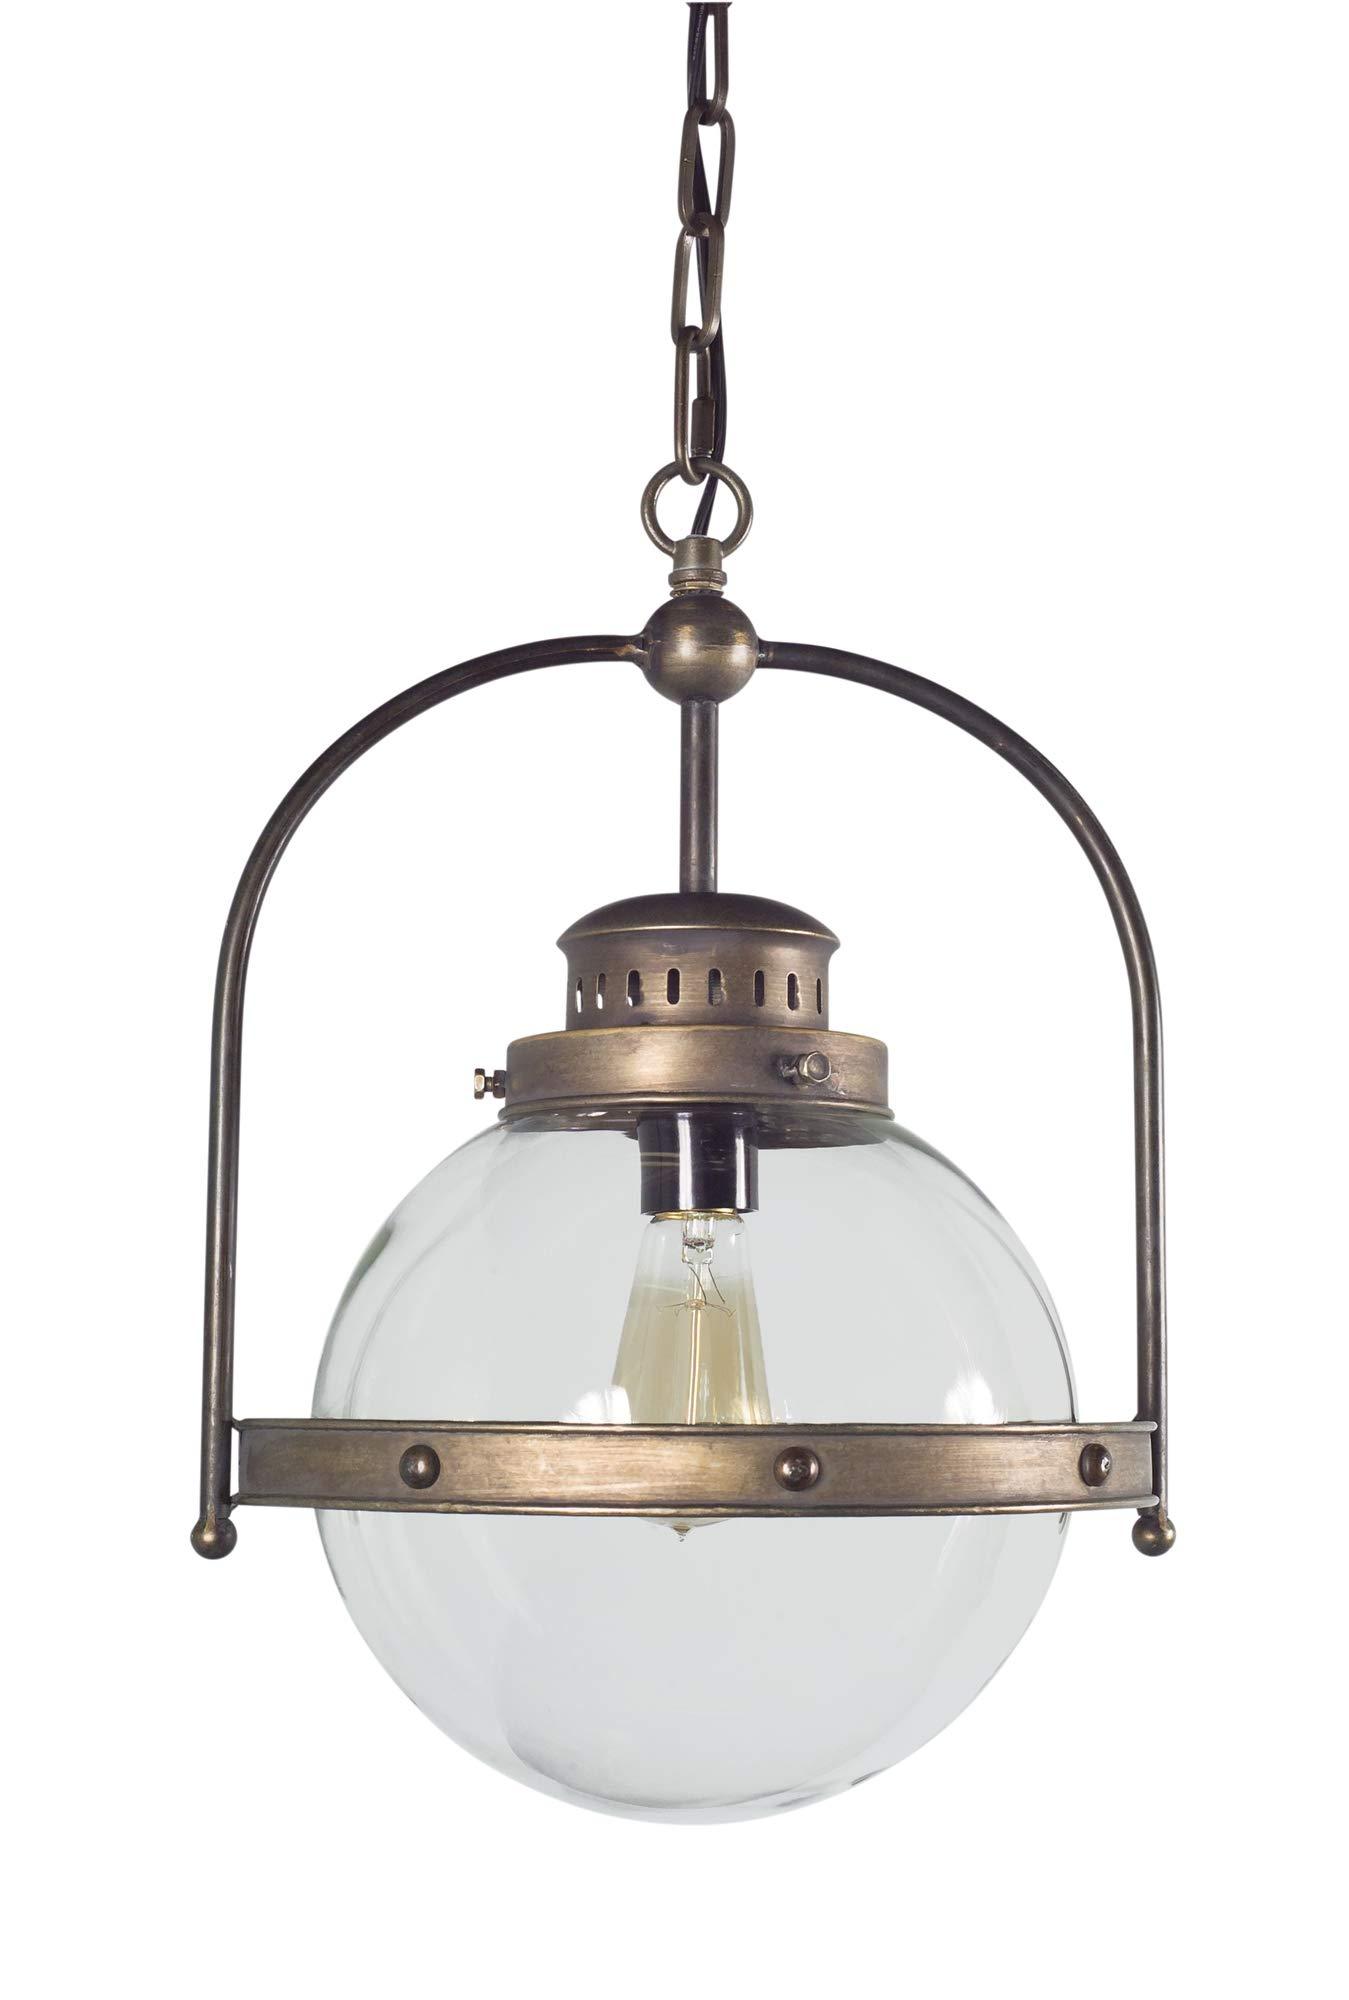 Melrose International Hanging Lamp 13'' x 18''H Metal/Glass (Max 40W)